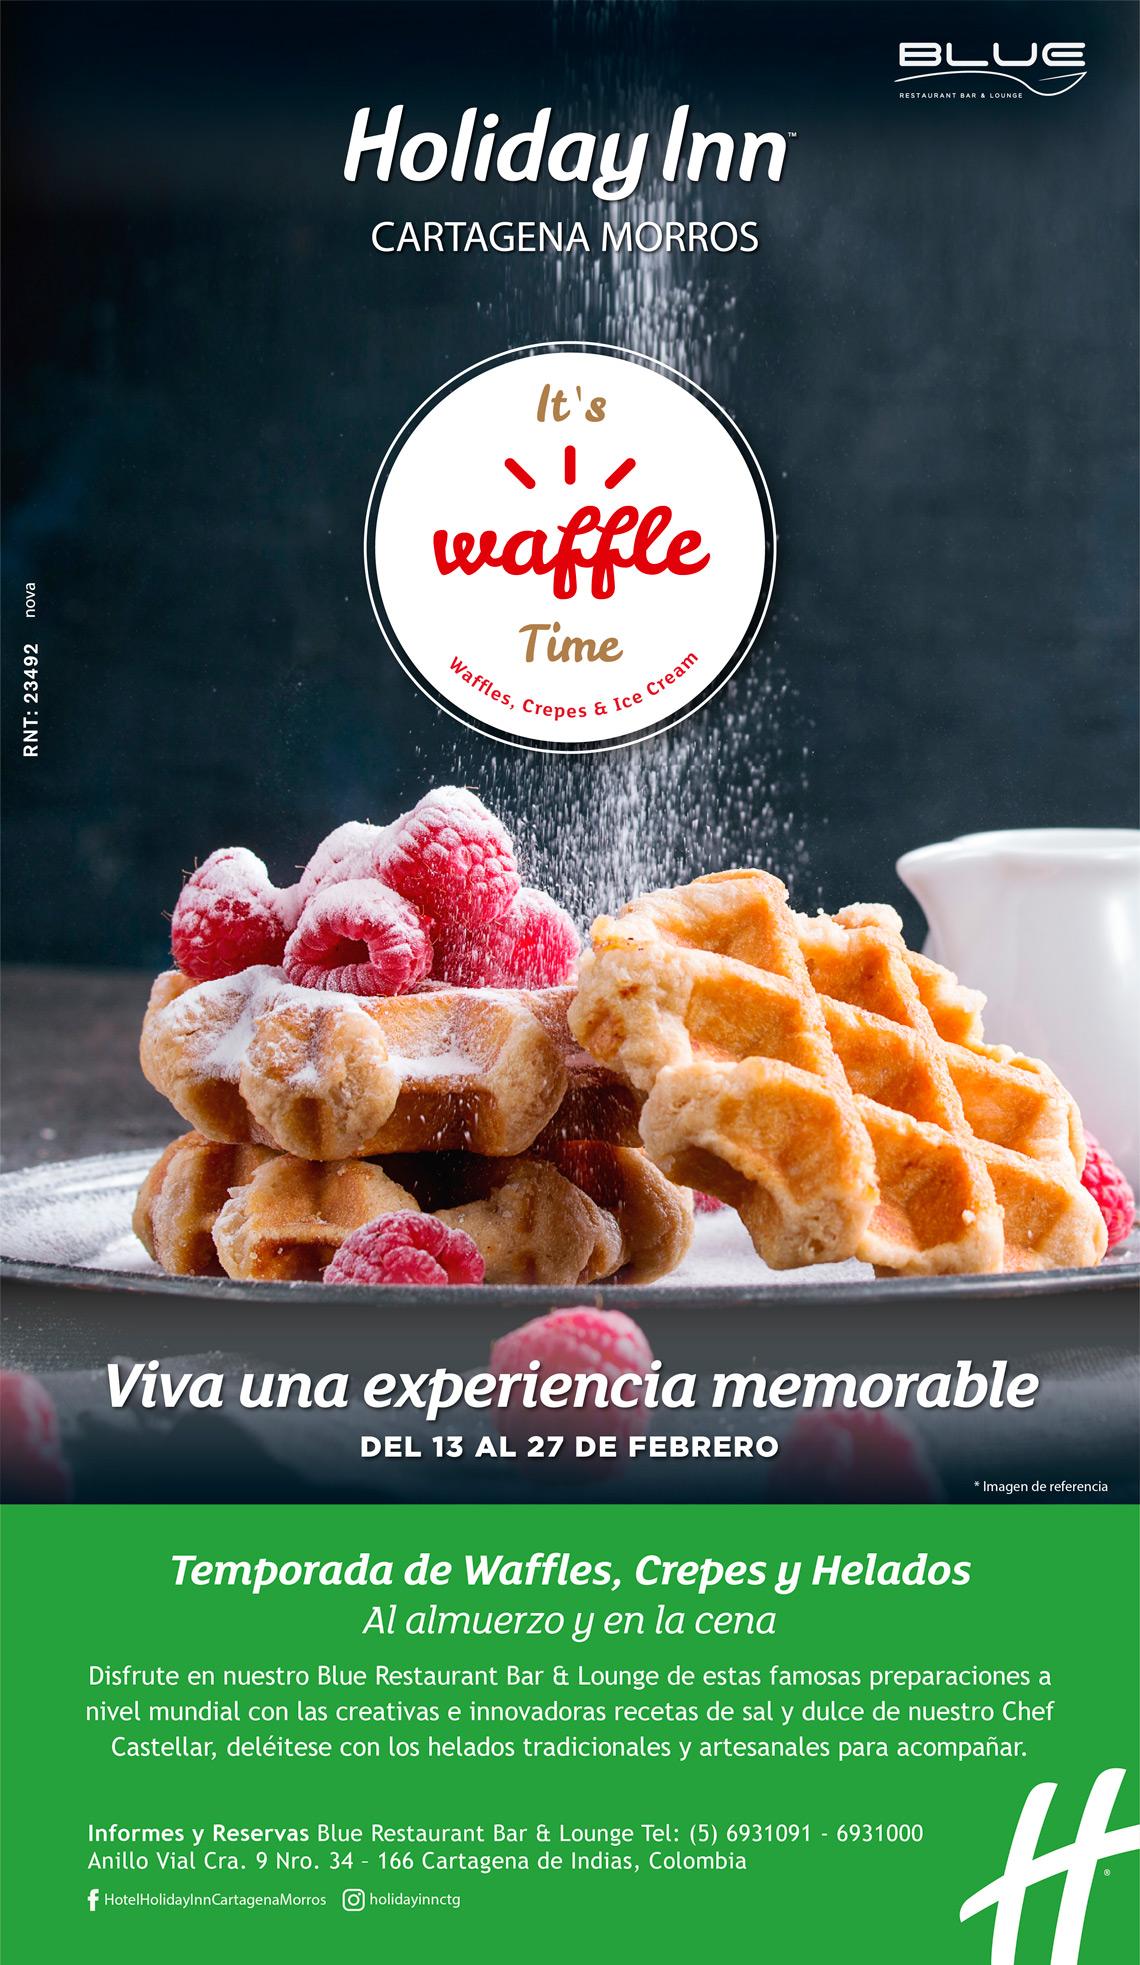 Festival Waffles, Crepes y Helados